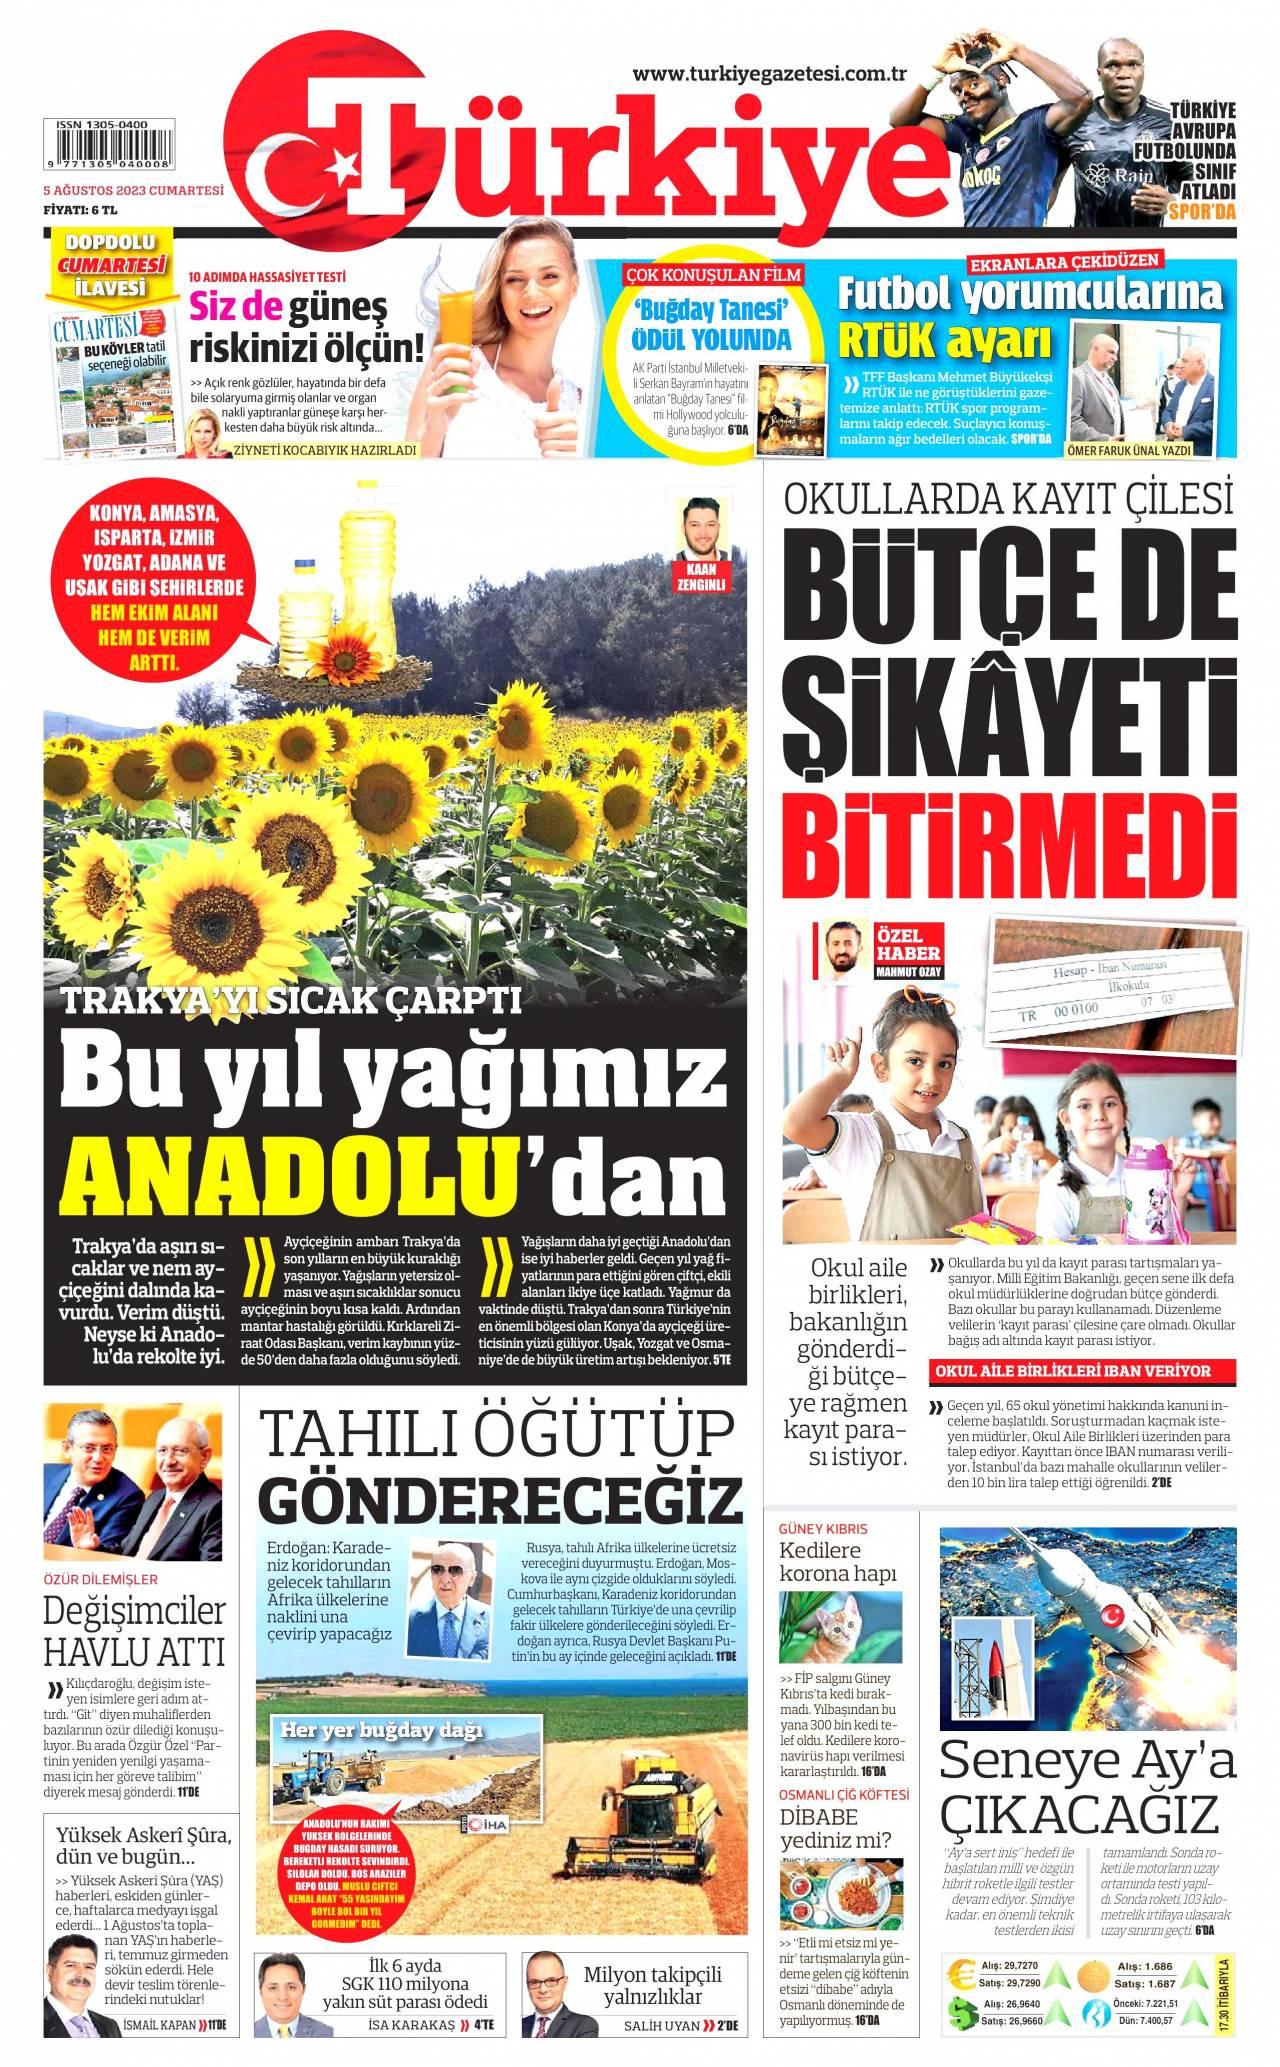 25 Ocak 2020, Cumartesi turkiye Gazetesi